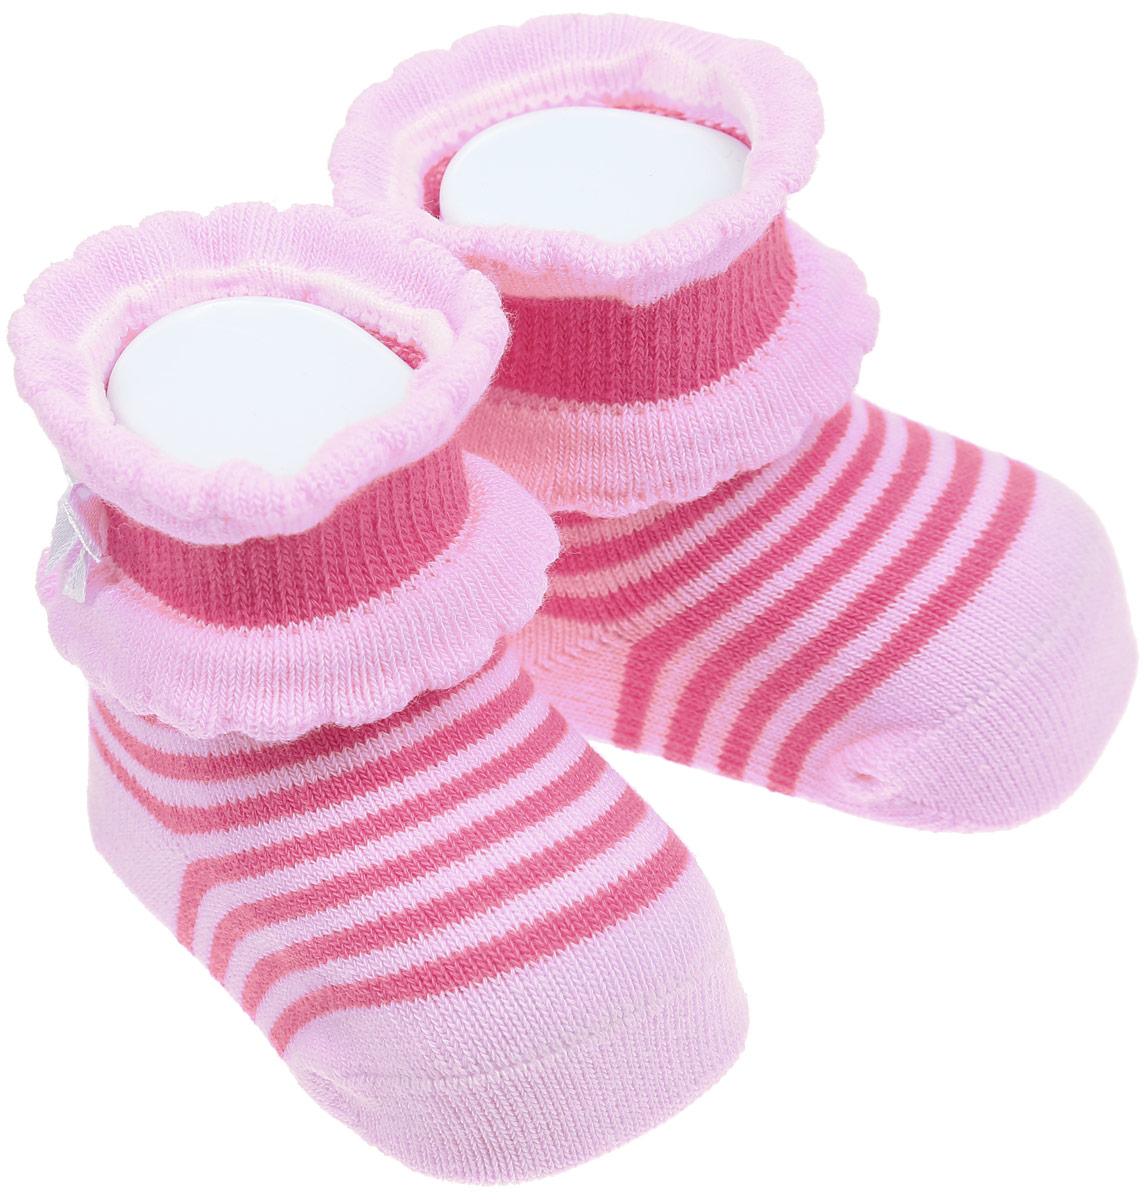 Носки детские Master Socks, цвет: розовый. 82017. Размер 882017Детские носки Master Socks изготовлены из высококачественного материала. Широкая резинка мягко облегает ножку, не сдавливая ее, благодаря чему ребенку будет комфортно и удобно. Усиленные пятка и мысок обеспечивают надежность и долговечность. Модель с фигурными краями оформлена принтом в полоску, украшена атласными бантиками. Такие носочки станут отличным дополнением к гардеробу ребенка! Уважаемые клиенты!Размер, доступный для заказа, является длиной стопы.